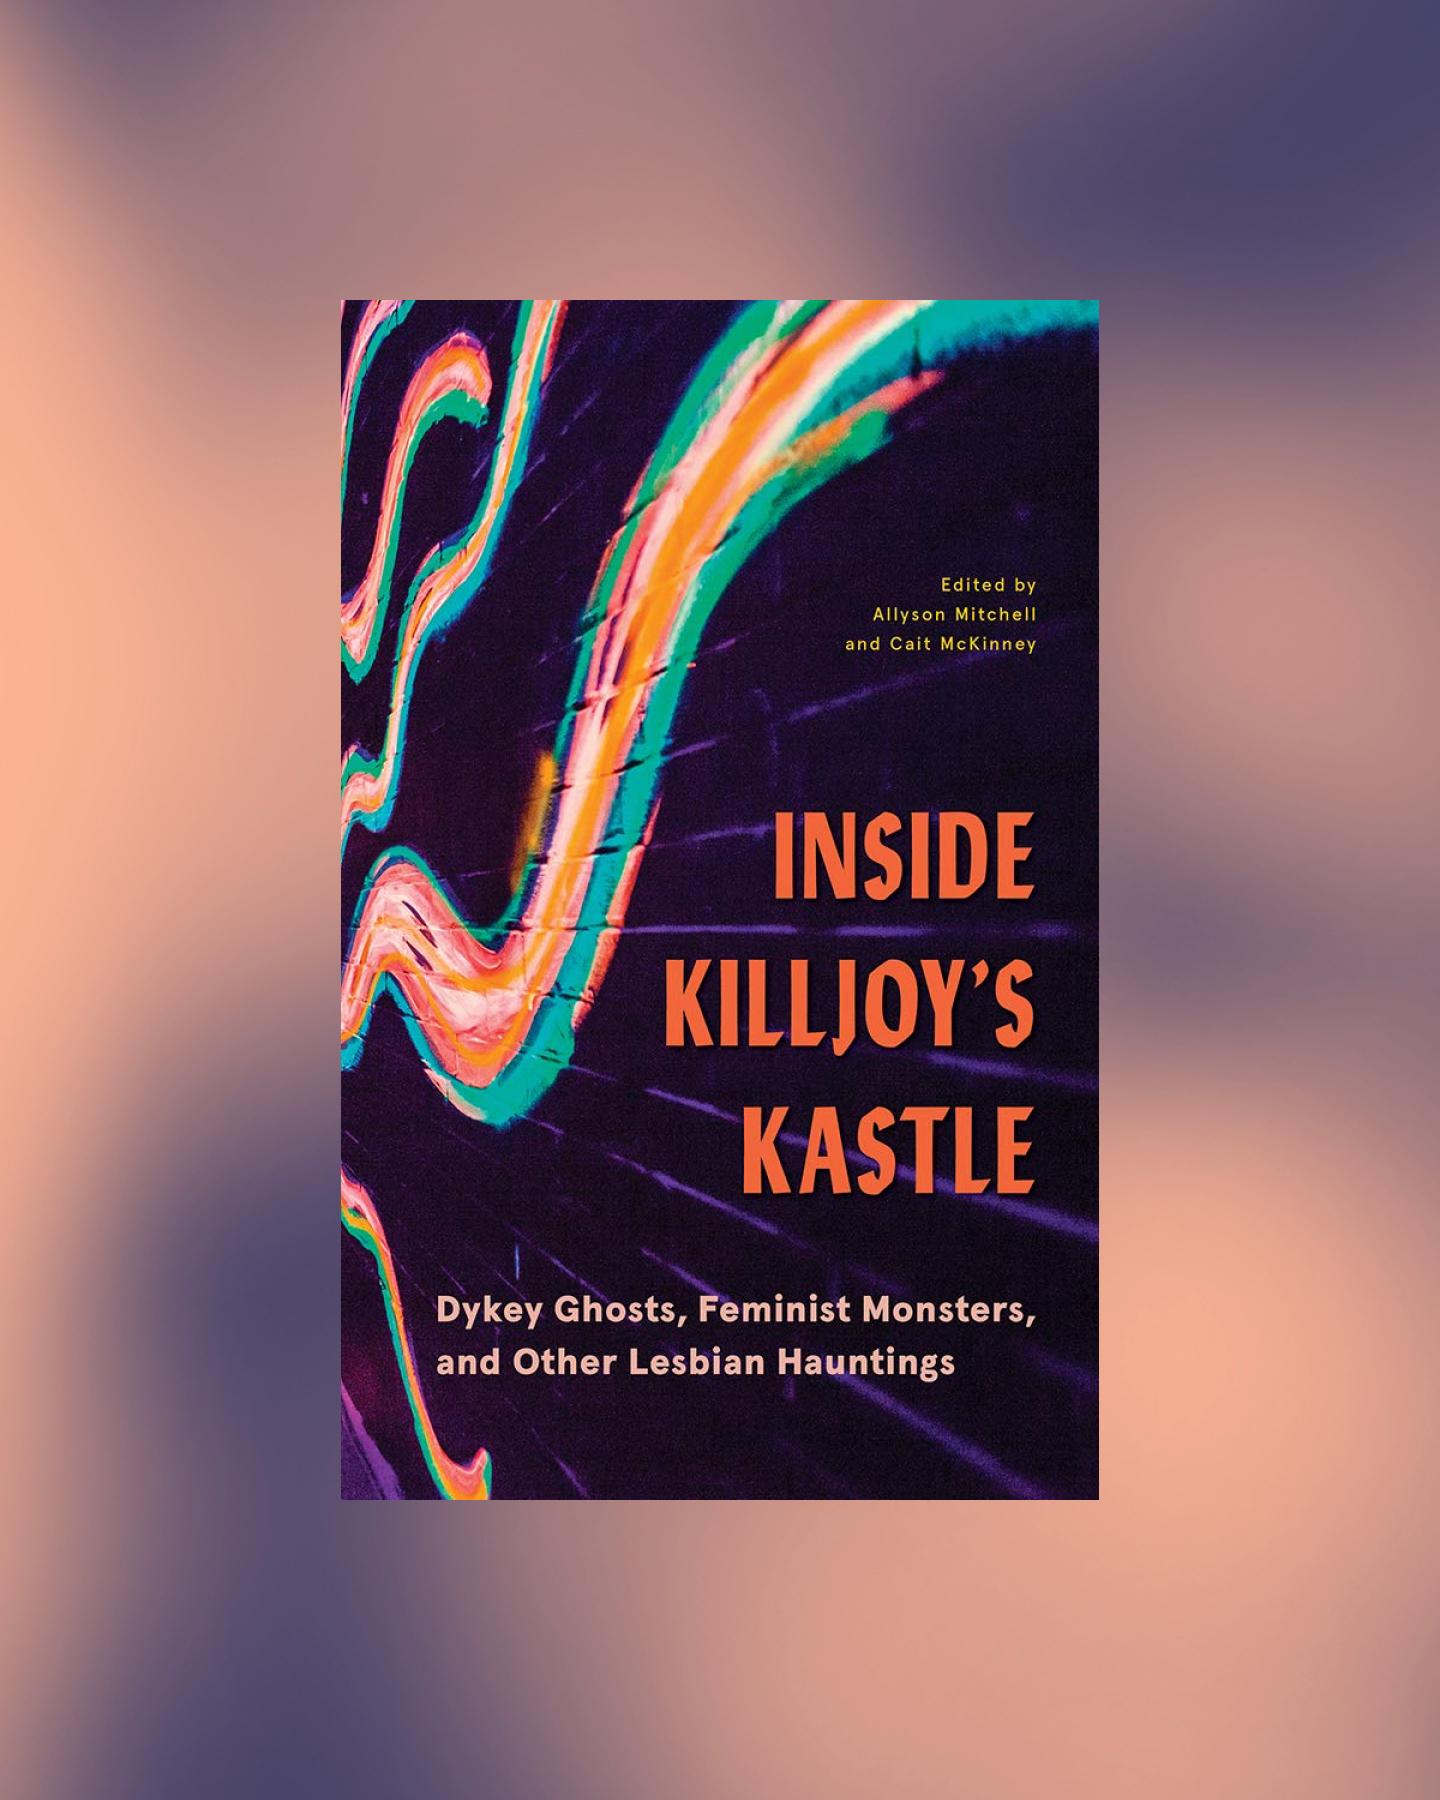 book cover inside killjoy's kastle